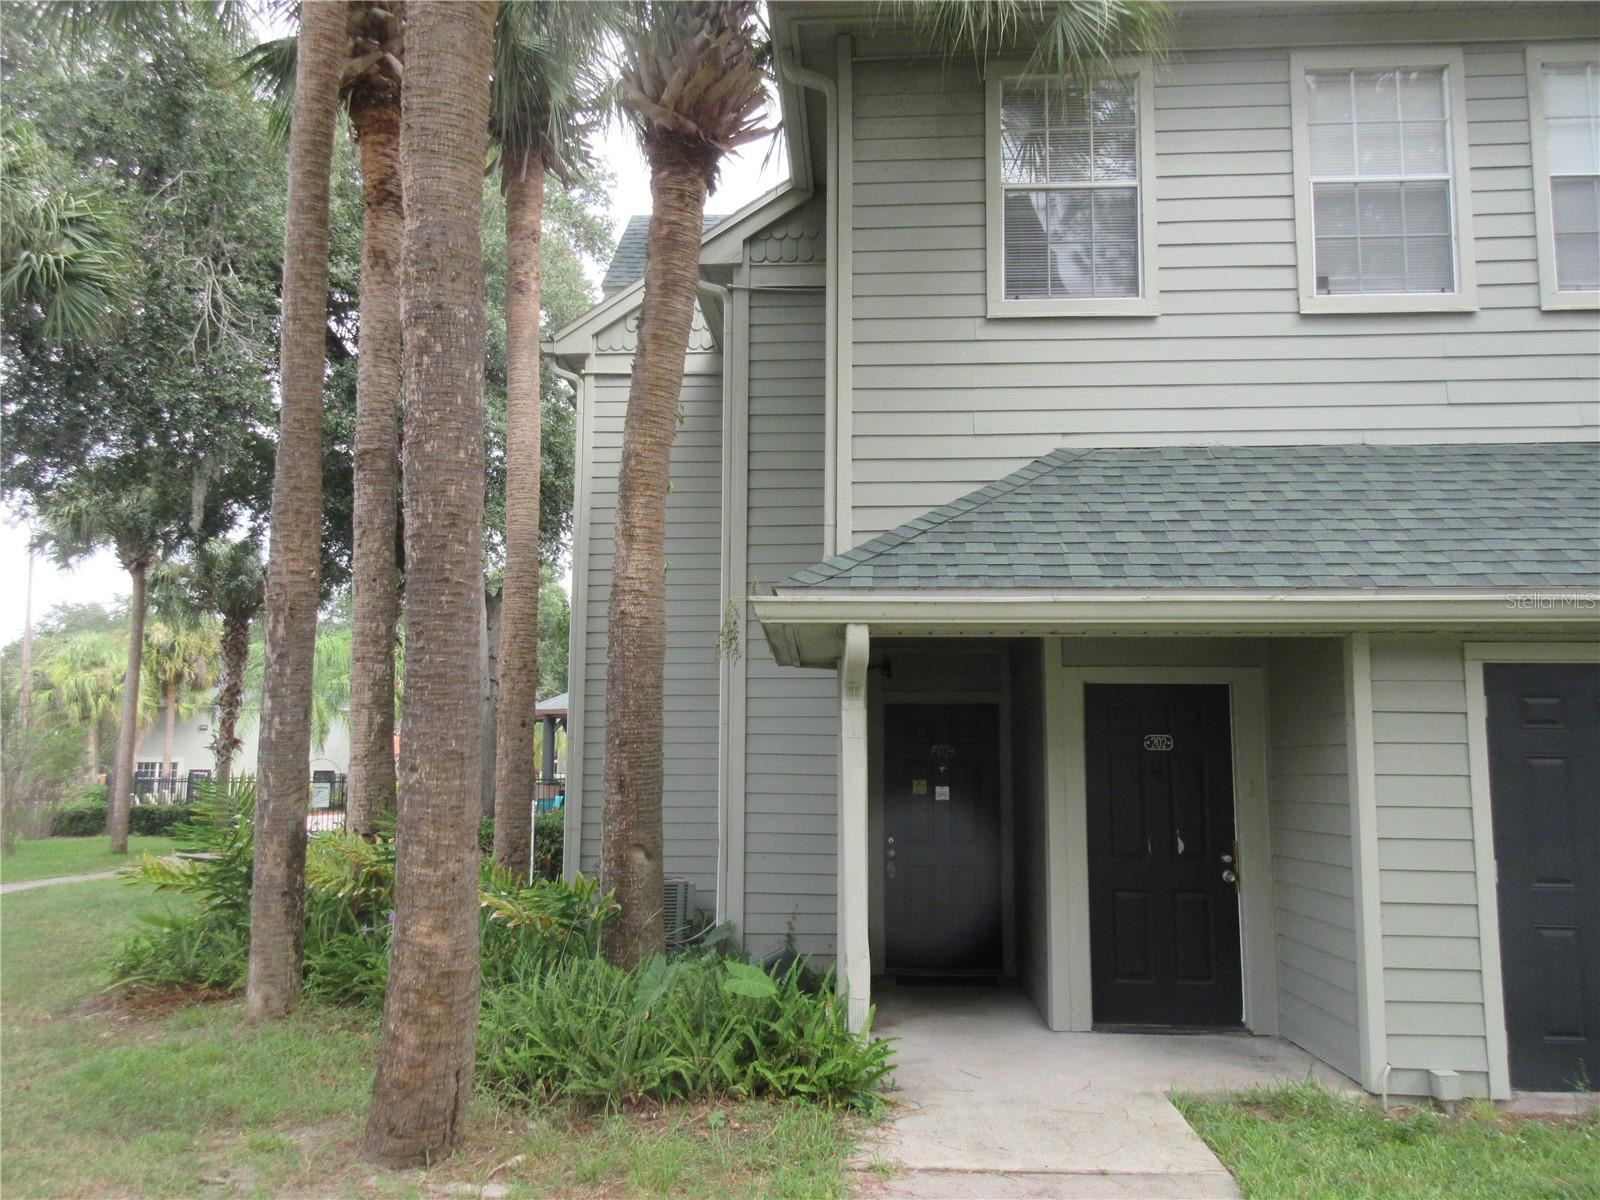 6028 WESTGATE DRIVE #102, Orlando, FL 32835 - #: O5978549